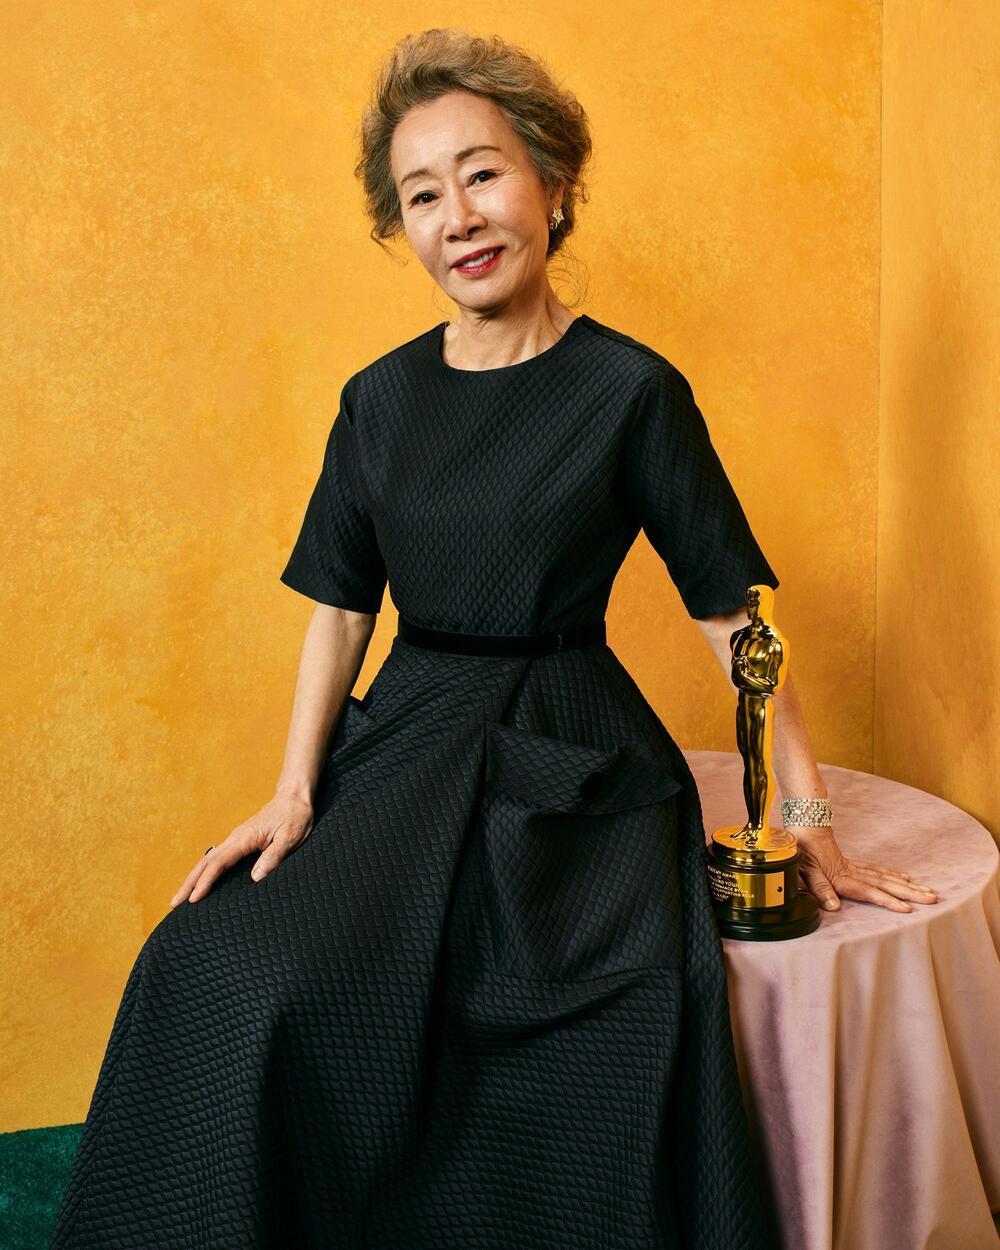 Lã Thanh Huyền khoe khoảnh khắc 10 năm trước chụp cùng nữ diễn viên Hàn Quốc vừa nhận giải Oscar Ảnh 4